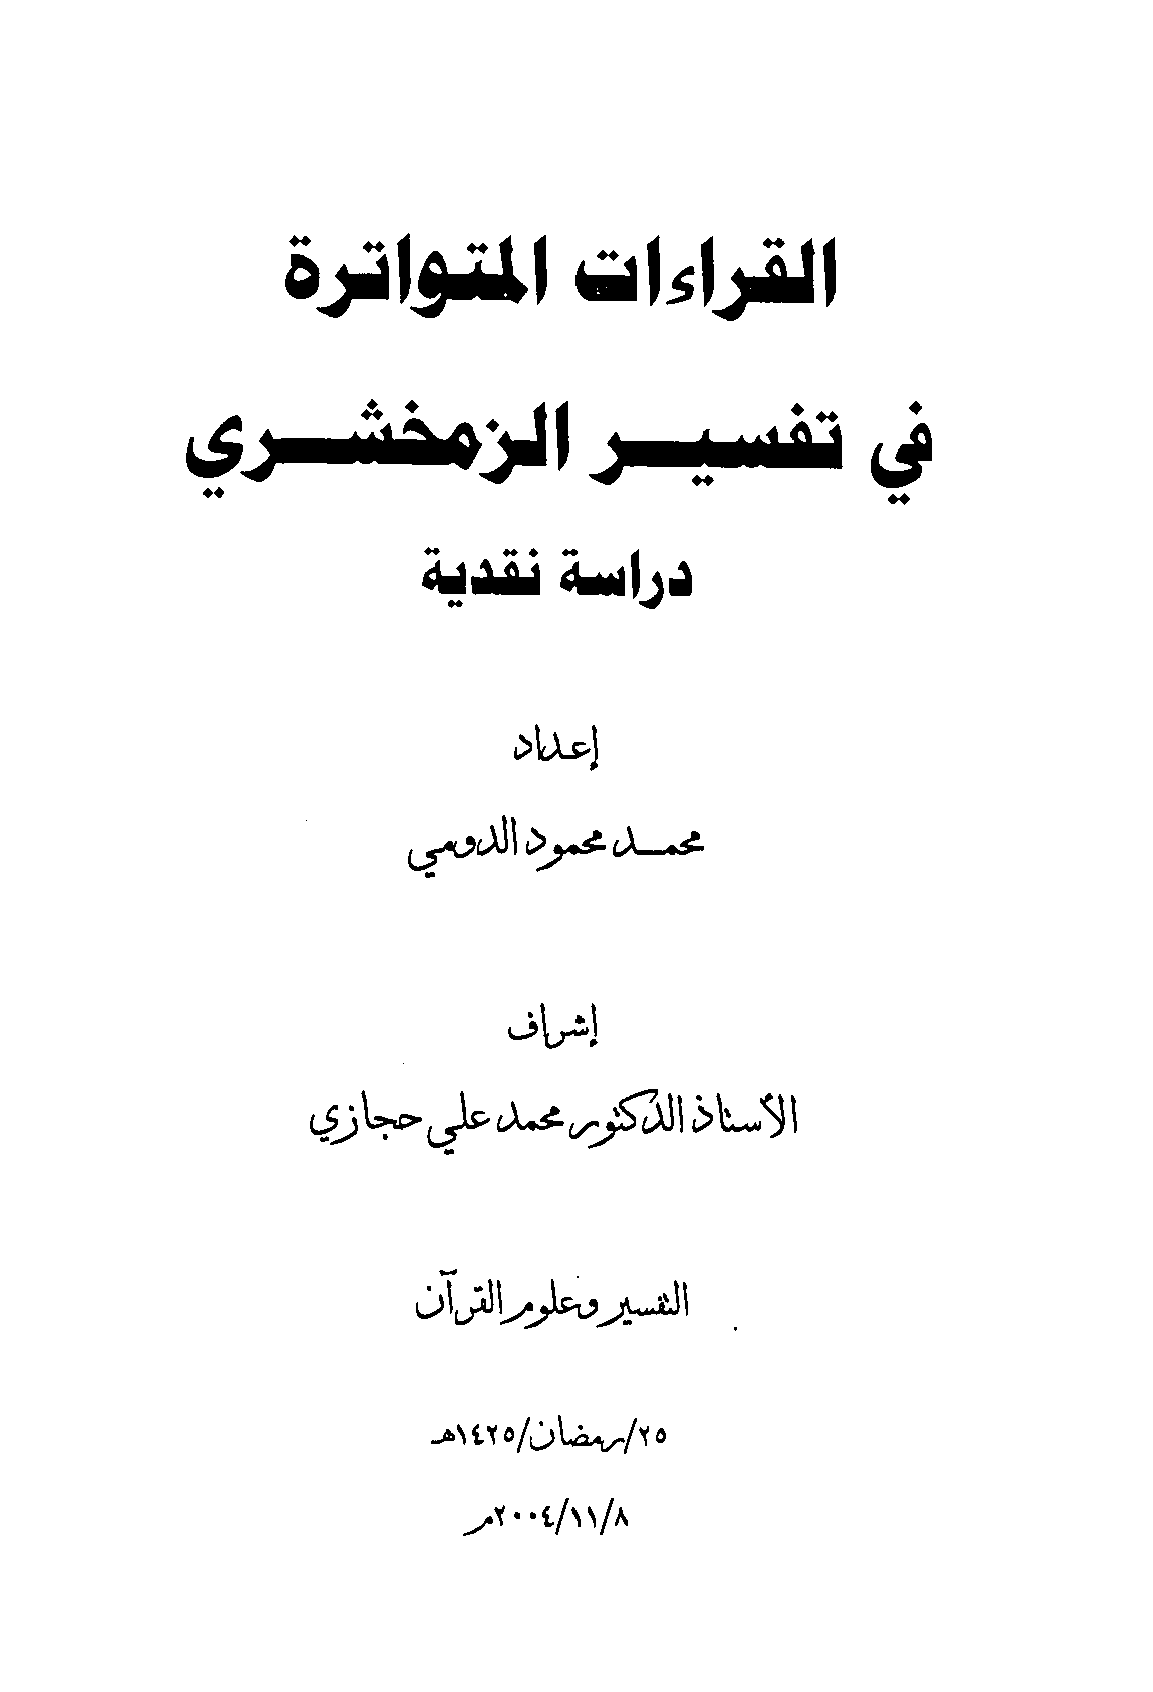 تحميل كتاب القراءات المتواترة في تفسير الزمخشري (دراسة نقدية) لـِ: الدكتور محمد محمود محمد بني الدومي